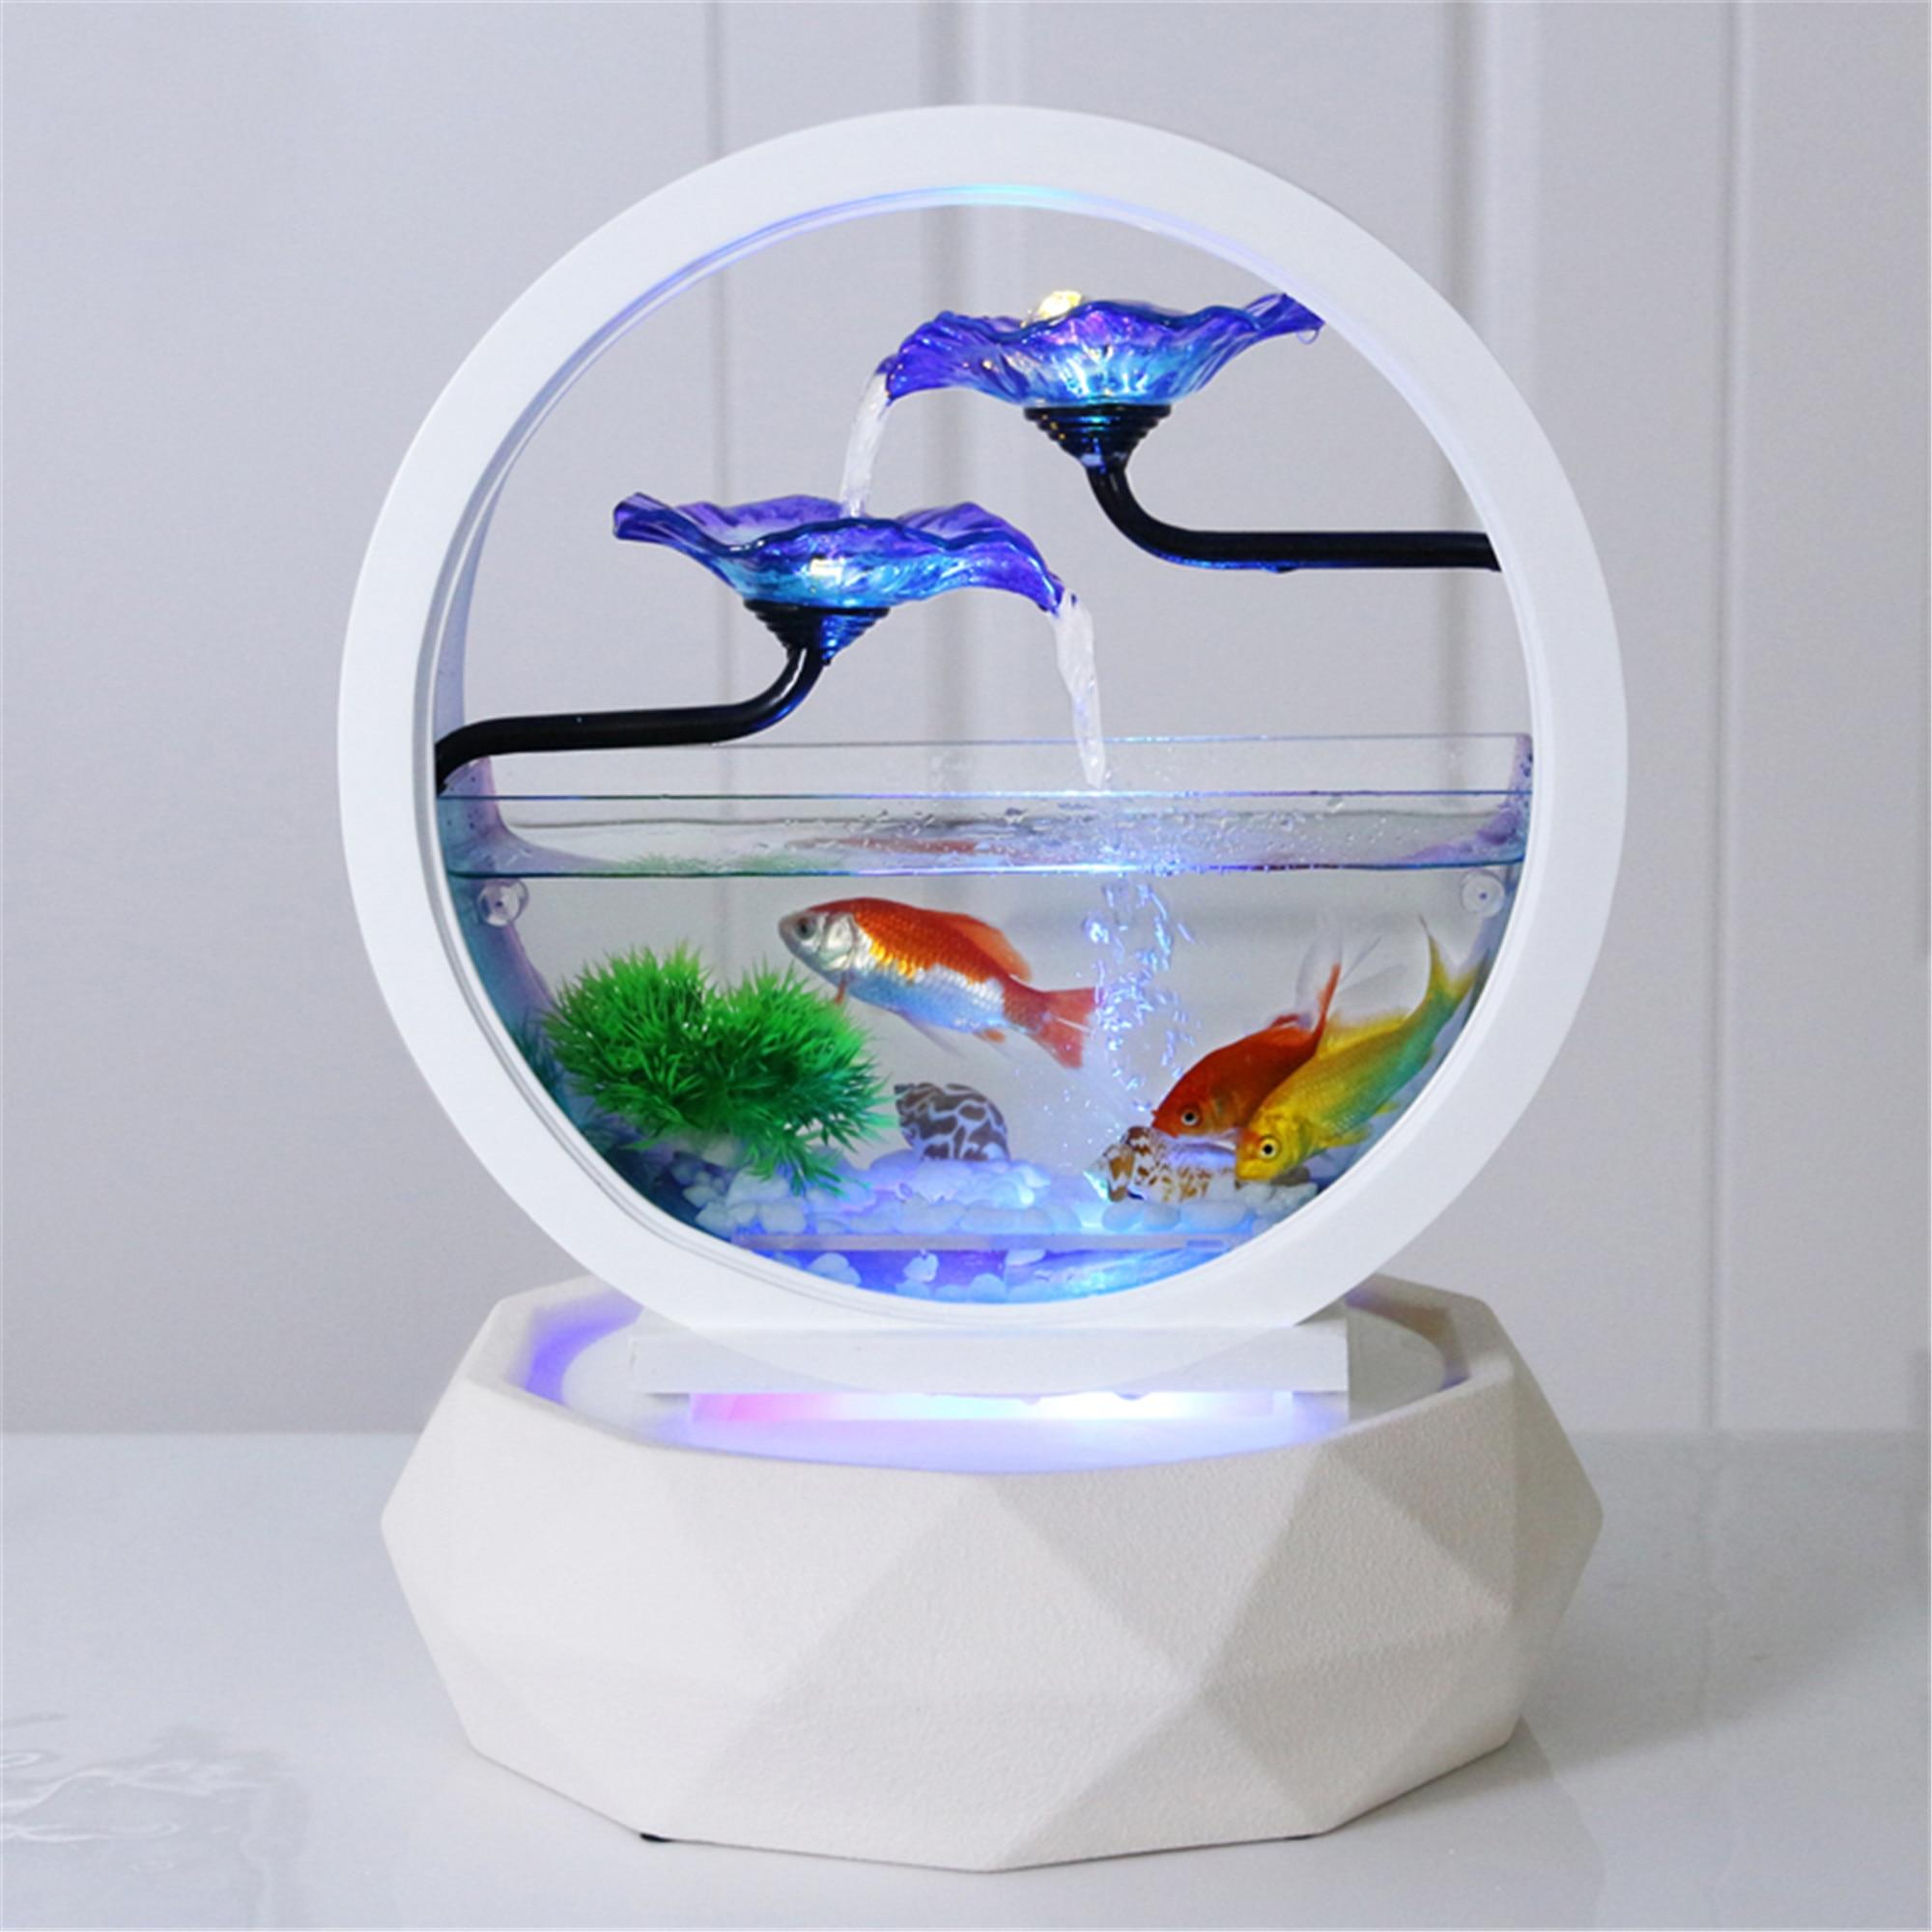 Bureau fontaine à eau petit Aquarium créativité plateau de Table rond en verre blanc Aquarium bureau décoration d'intérieur Kit cascade